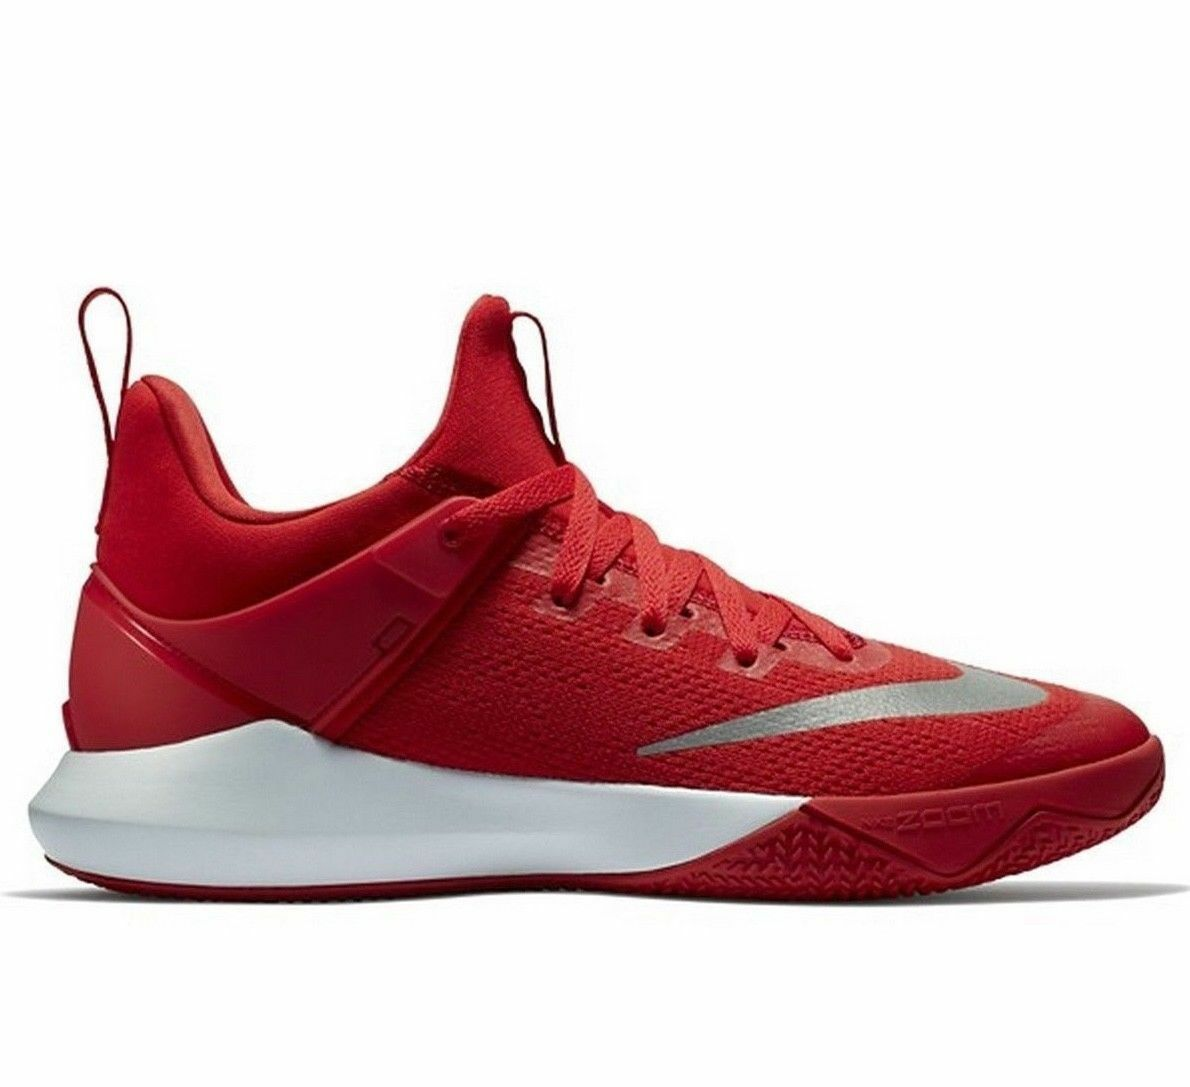 Nike Zoom Turno Tbc Uomini Size-14, / Università Rosso / Size-14, Bianco (897811 600) 6fb233